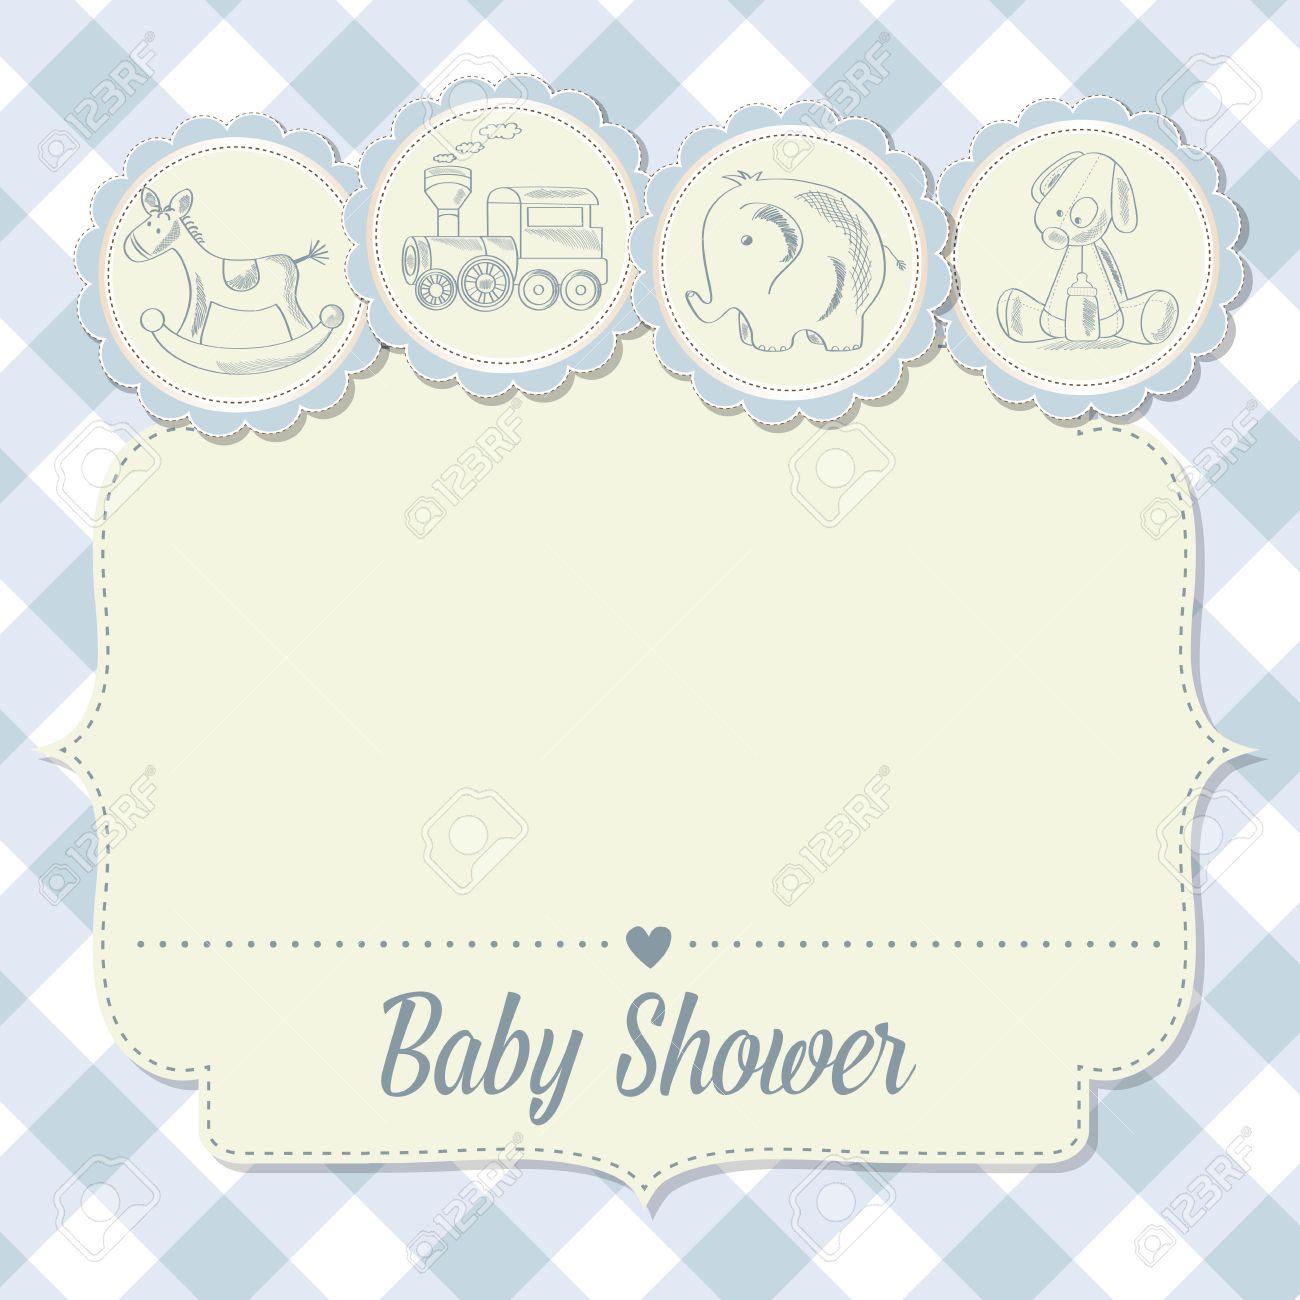 Tarjeta De Baby Shower Niño Con Juguetes Retro Ilustración